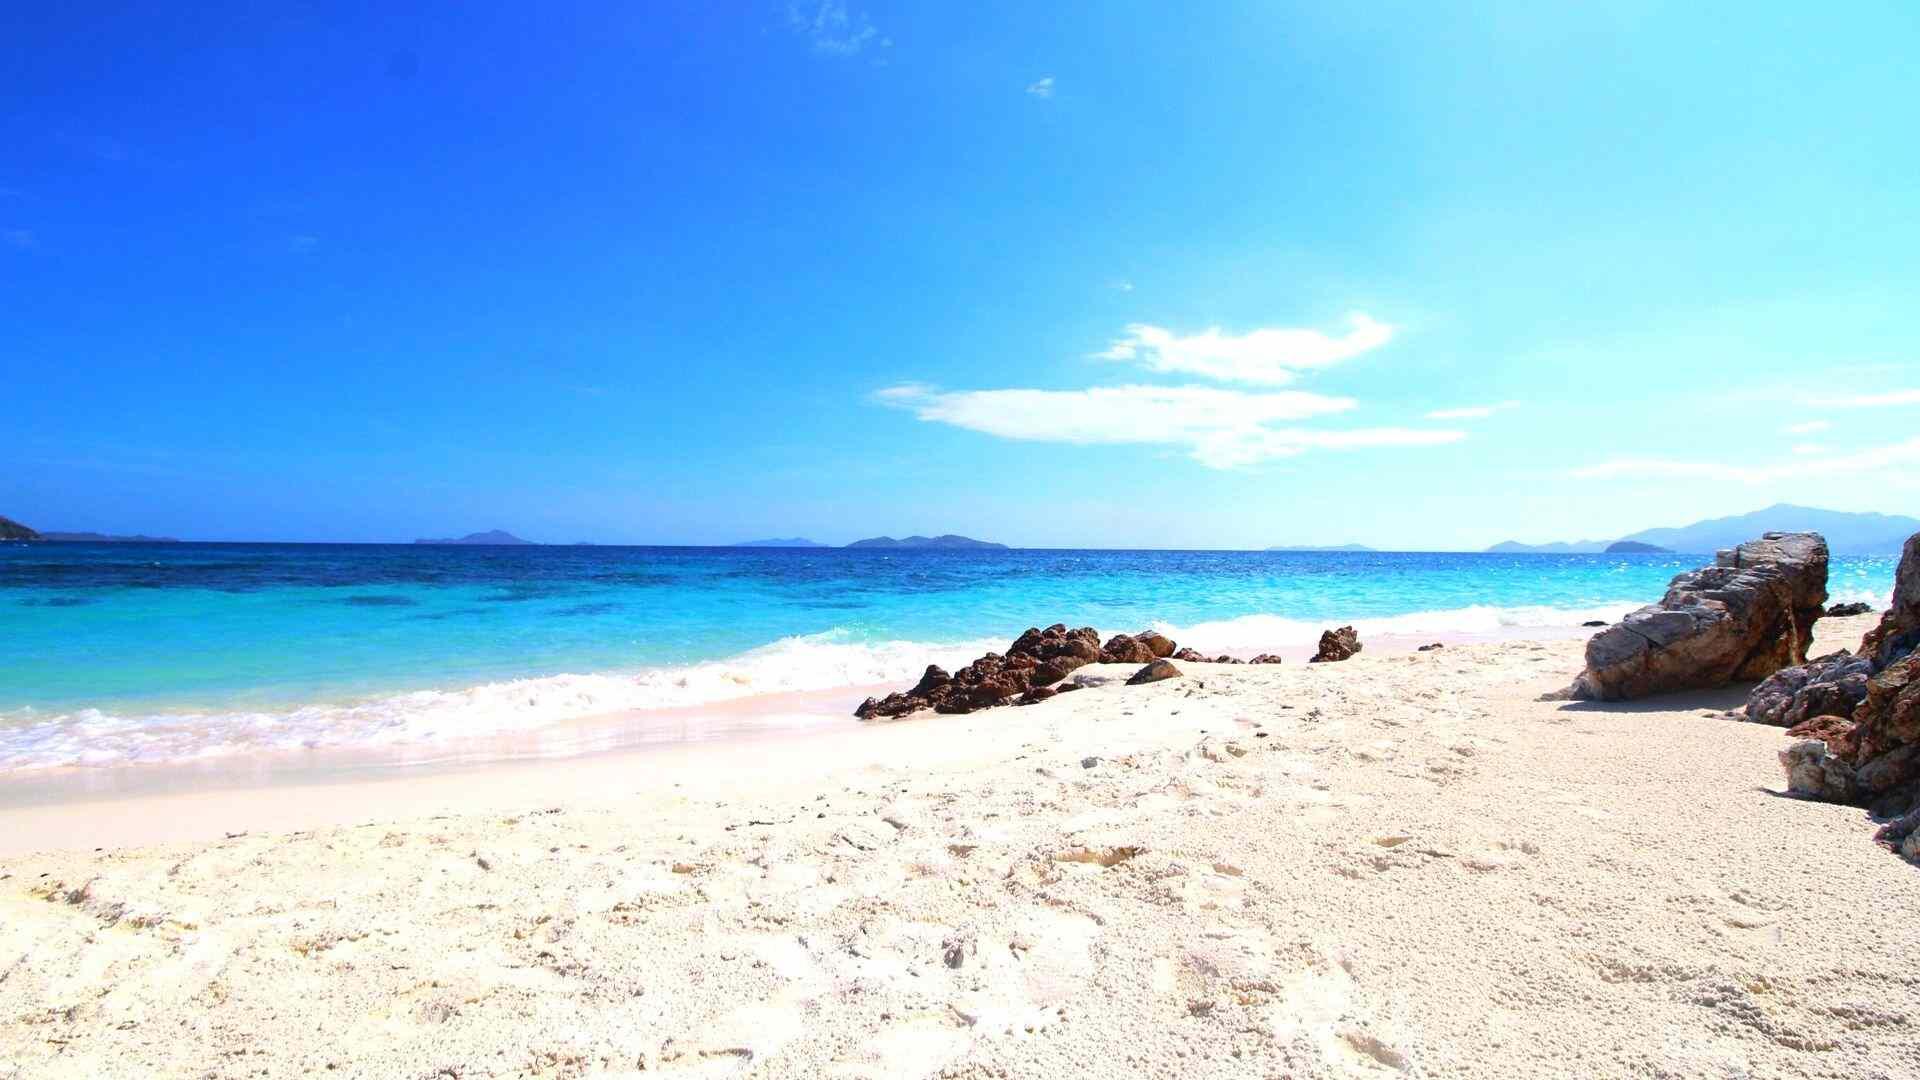 A beach on an island of Mindoro group